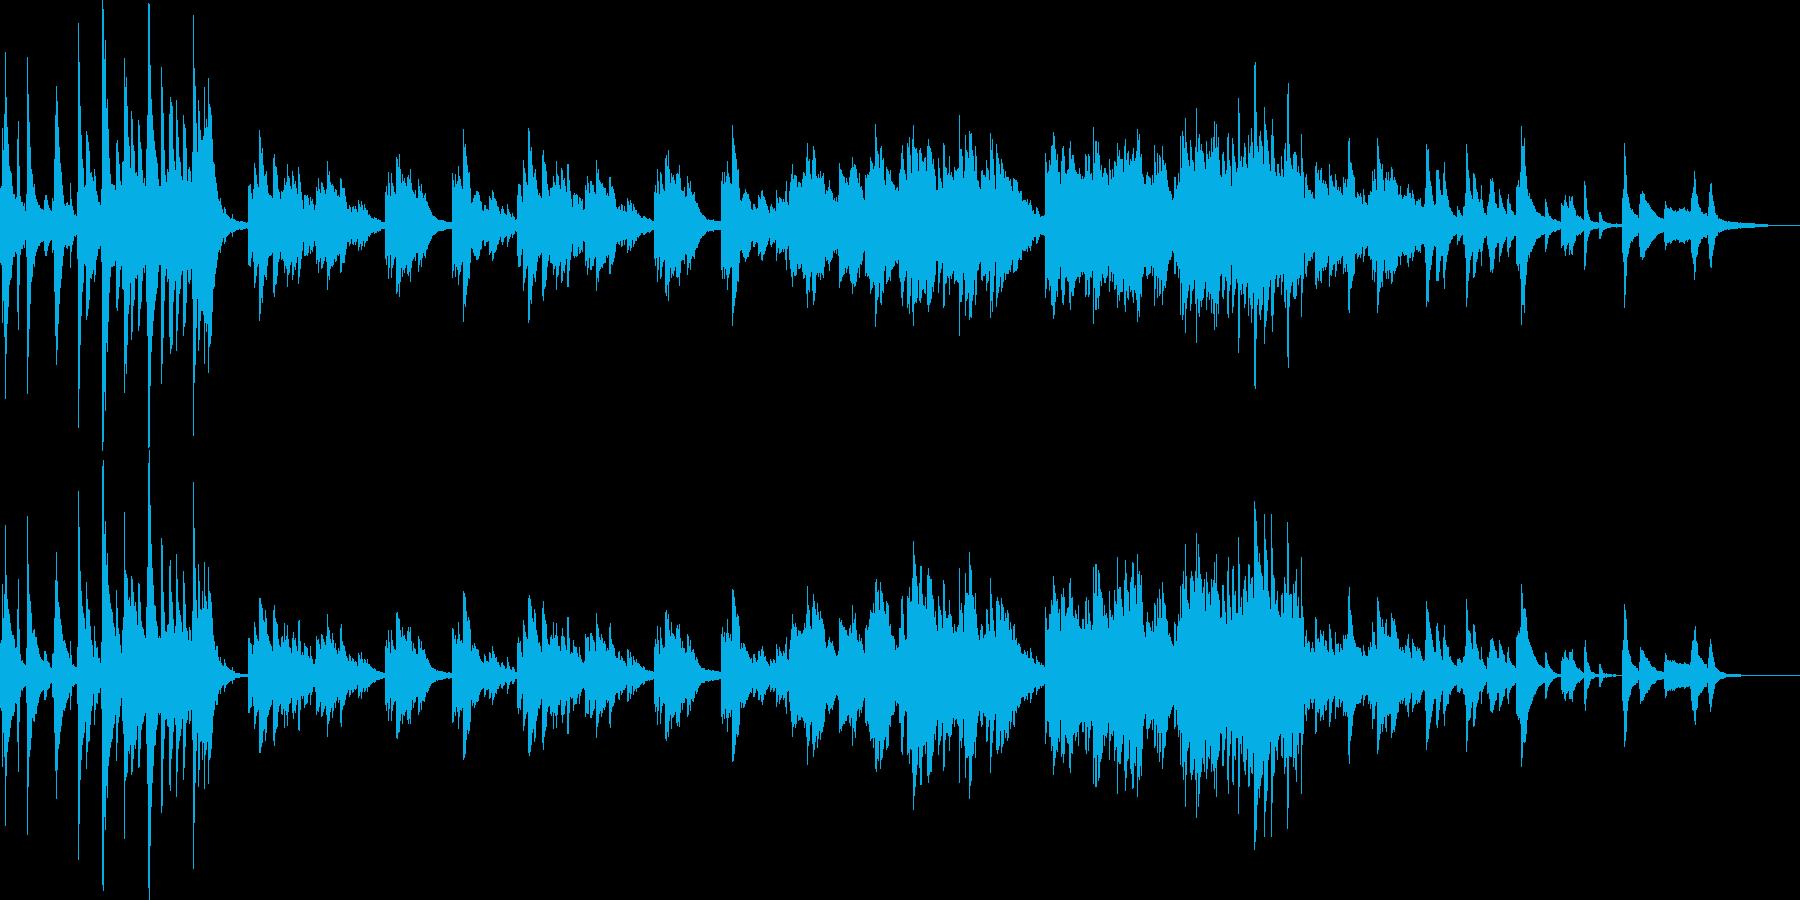 祈りのイメージの静かなピアノソロの再生済みの波形